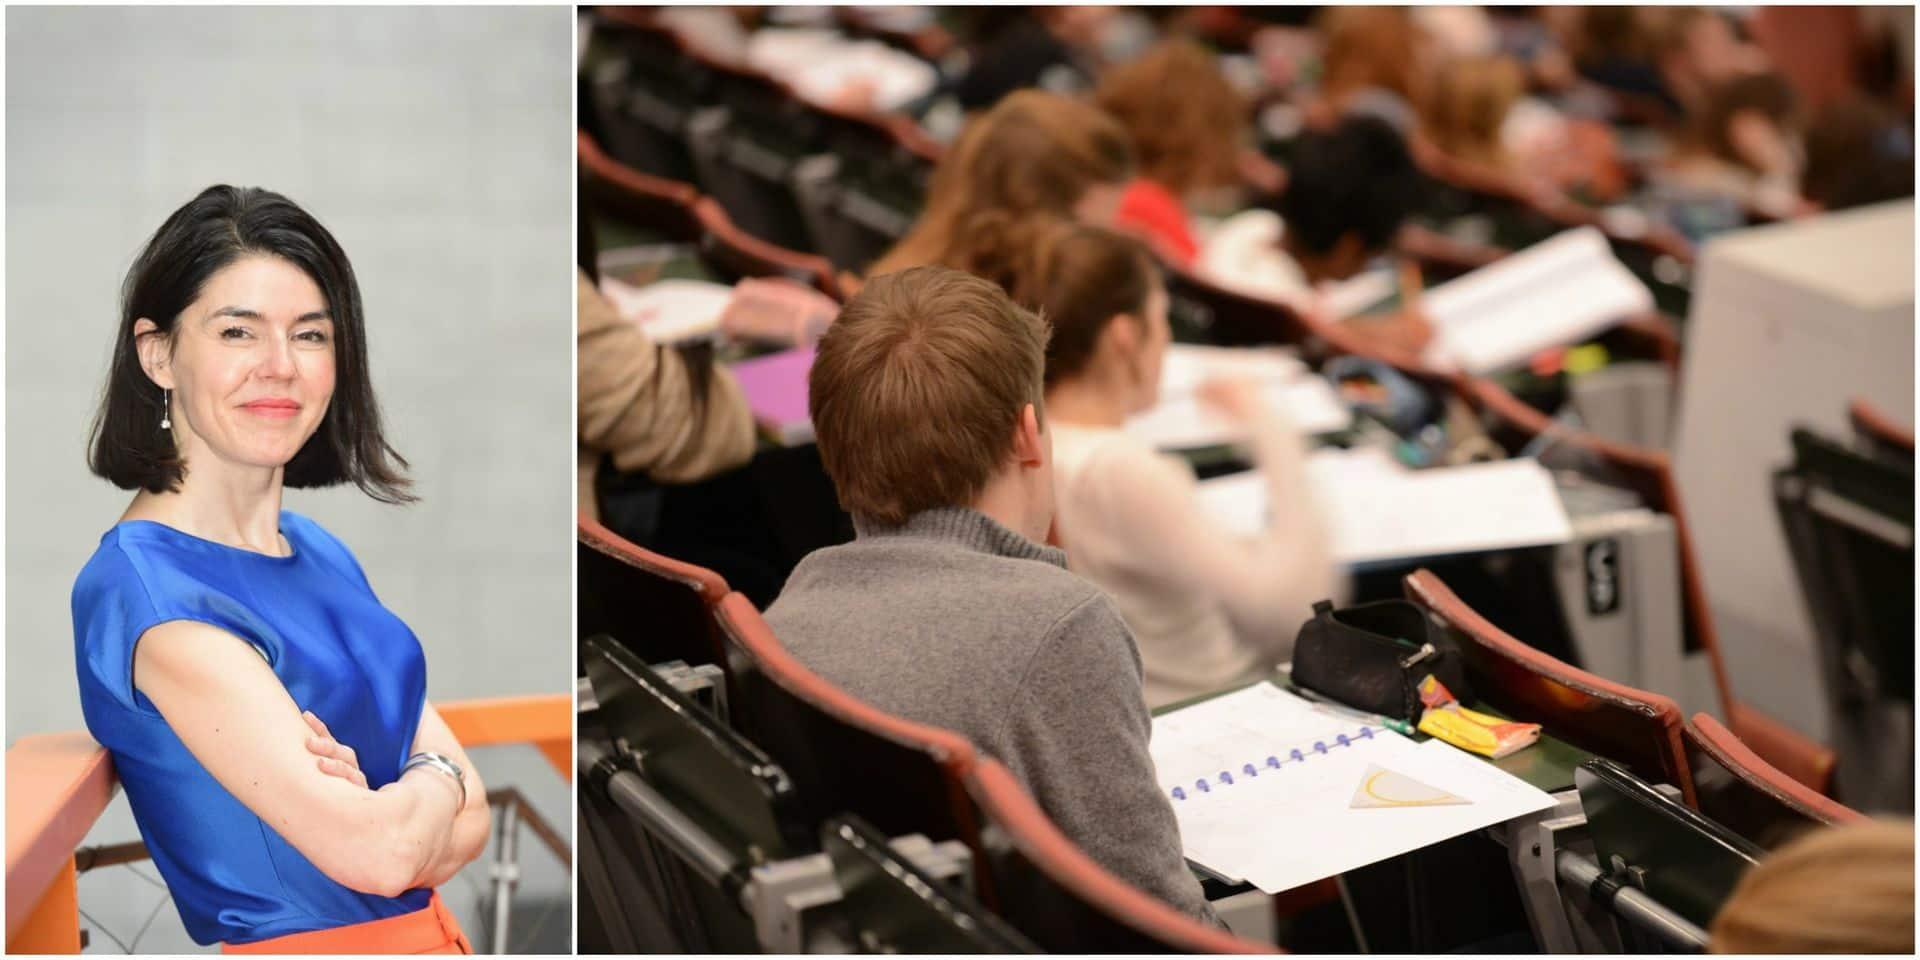 """La ministre Glatigny veut durcir le système de crédits à l'université: """"Il faudra bientôt réussir plus de cours en fin de première année"""""""